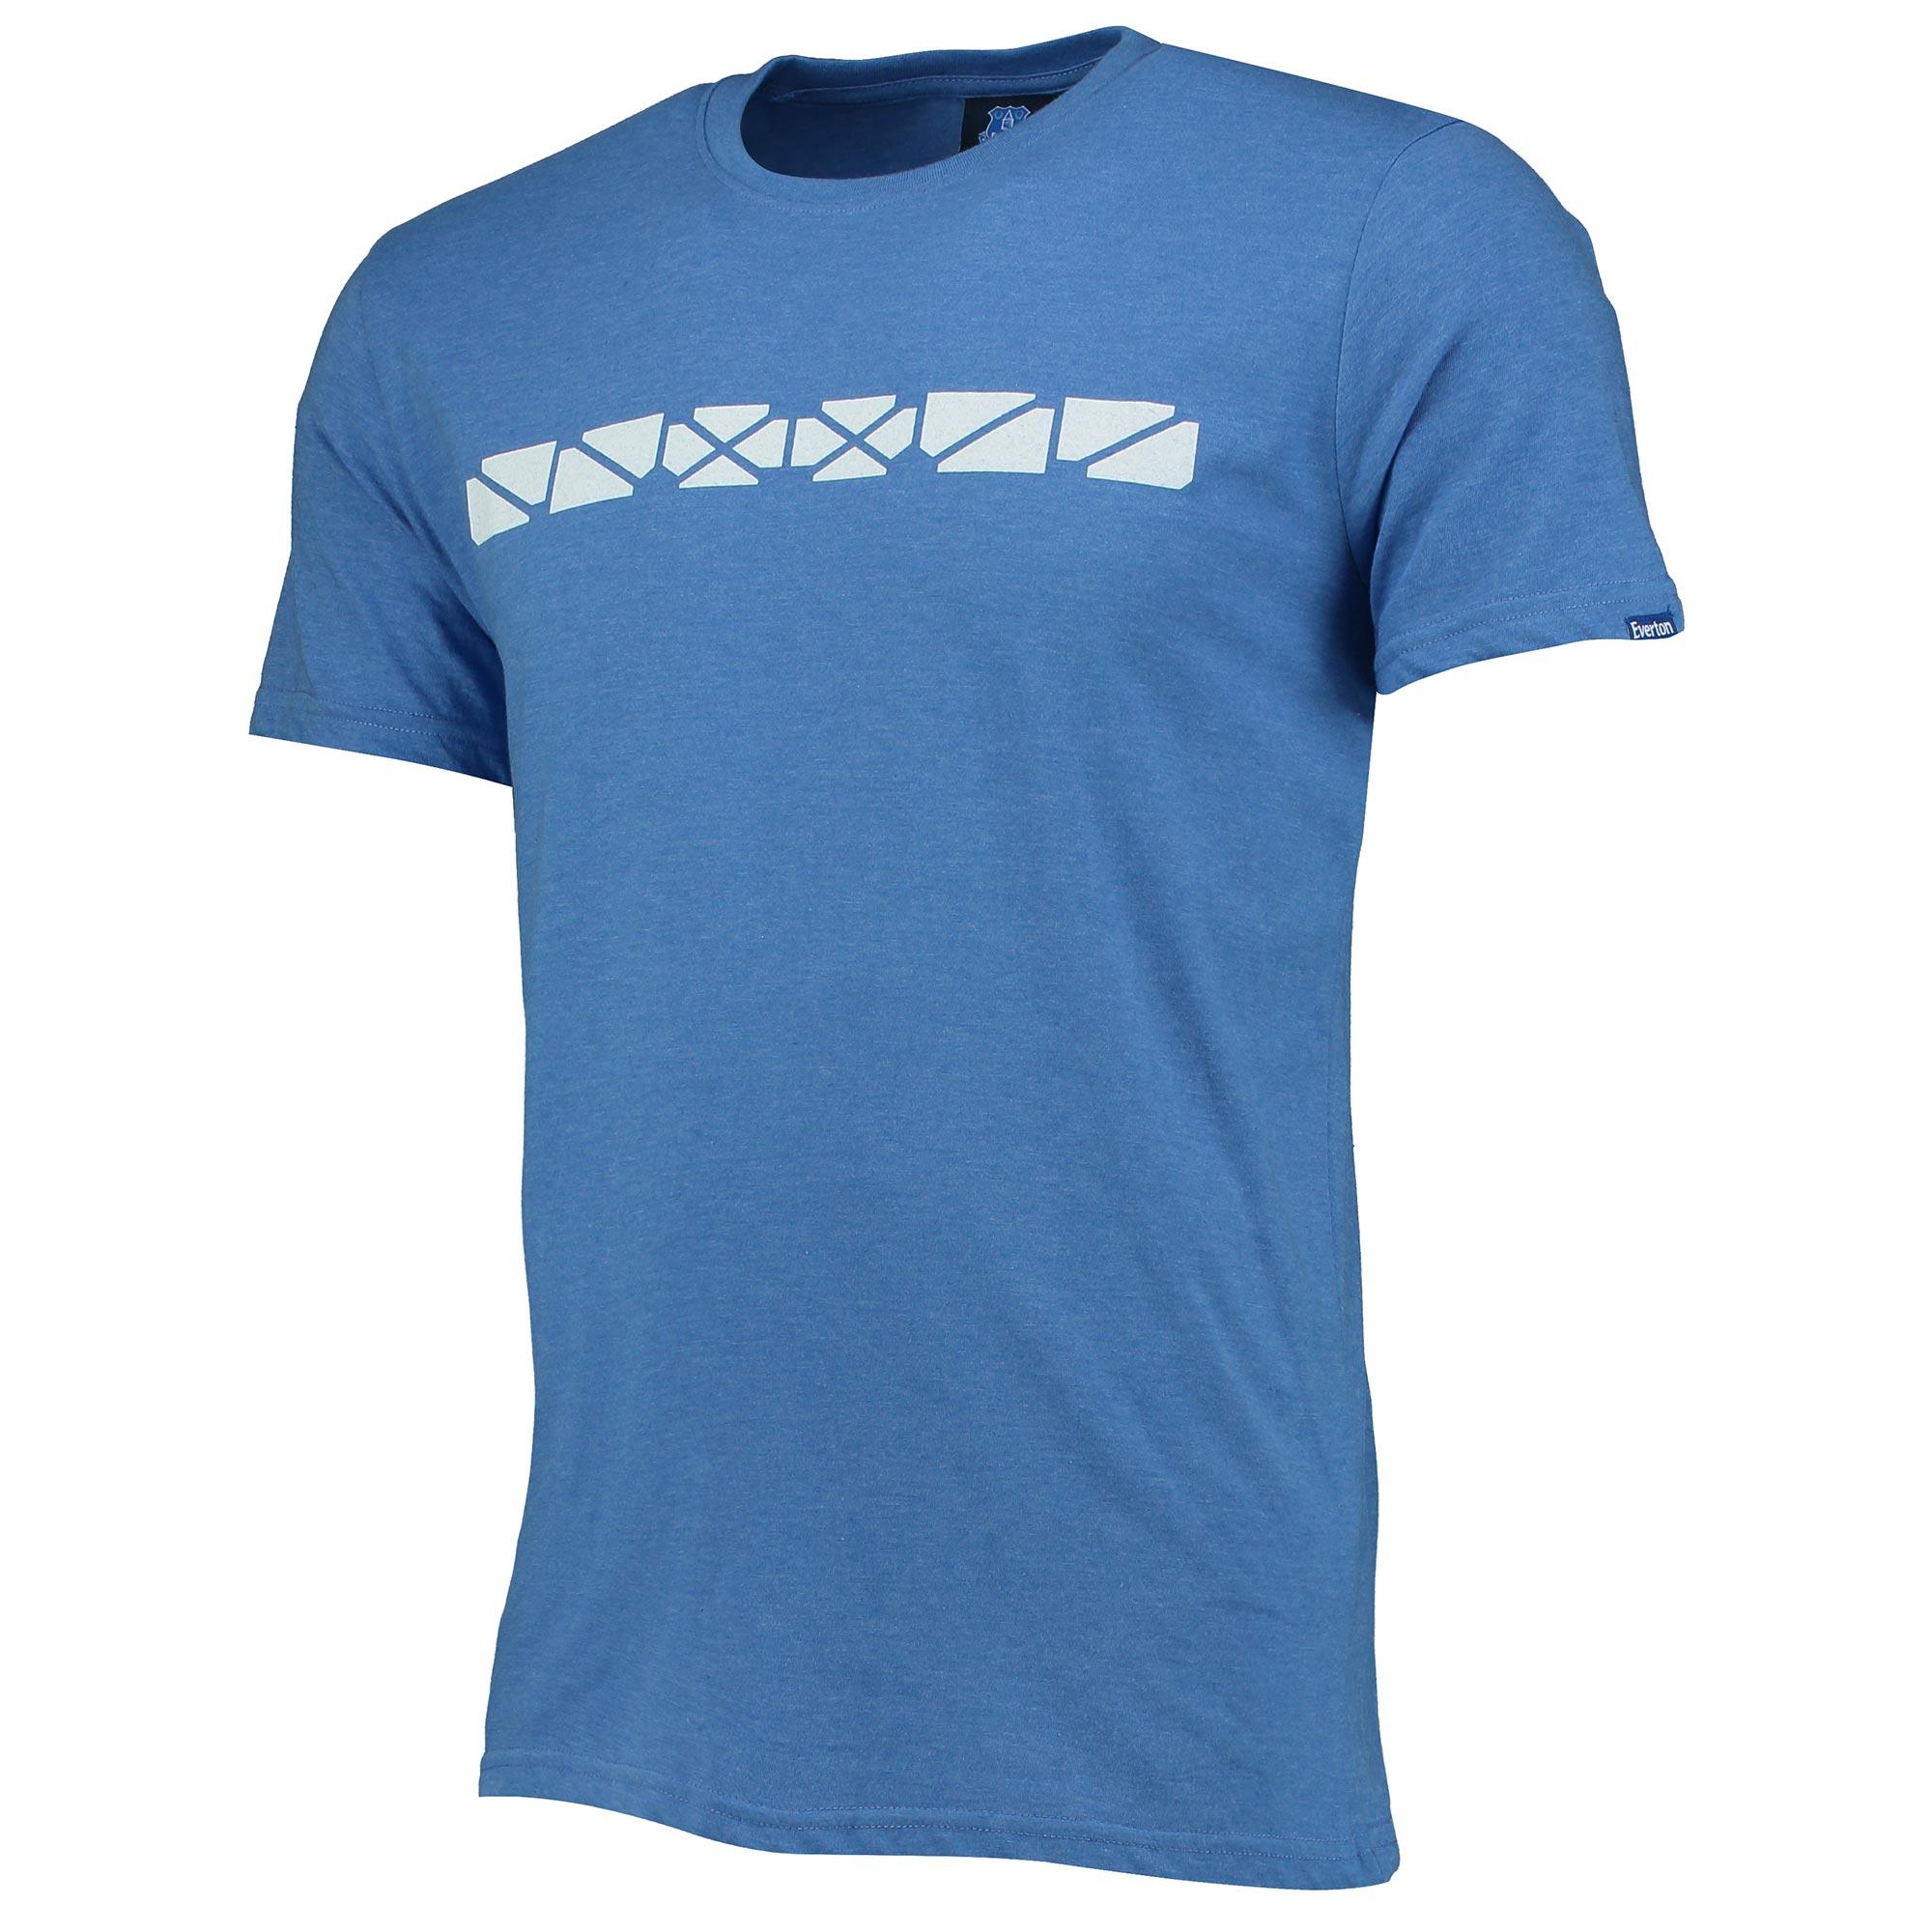 Everton Upper Tier T-Shirt - Royal